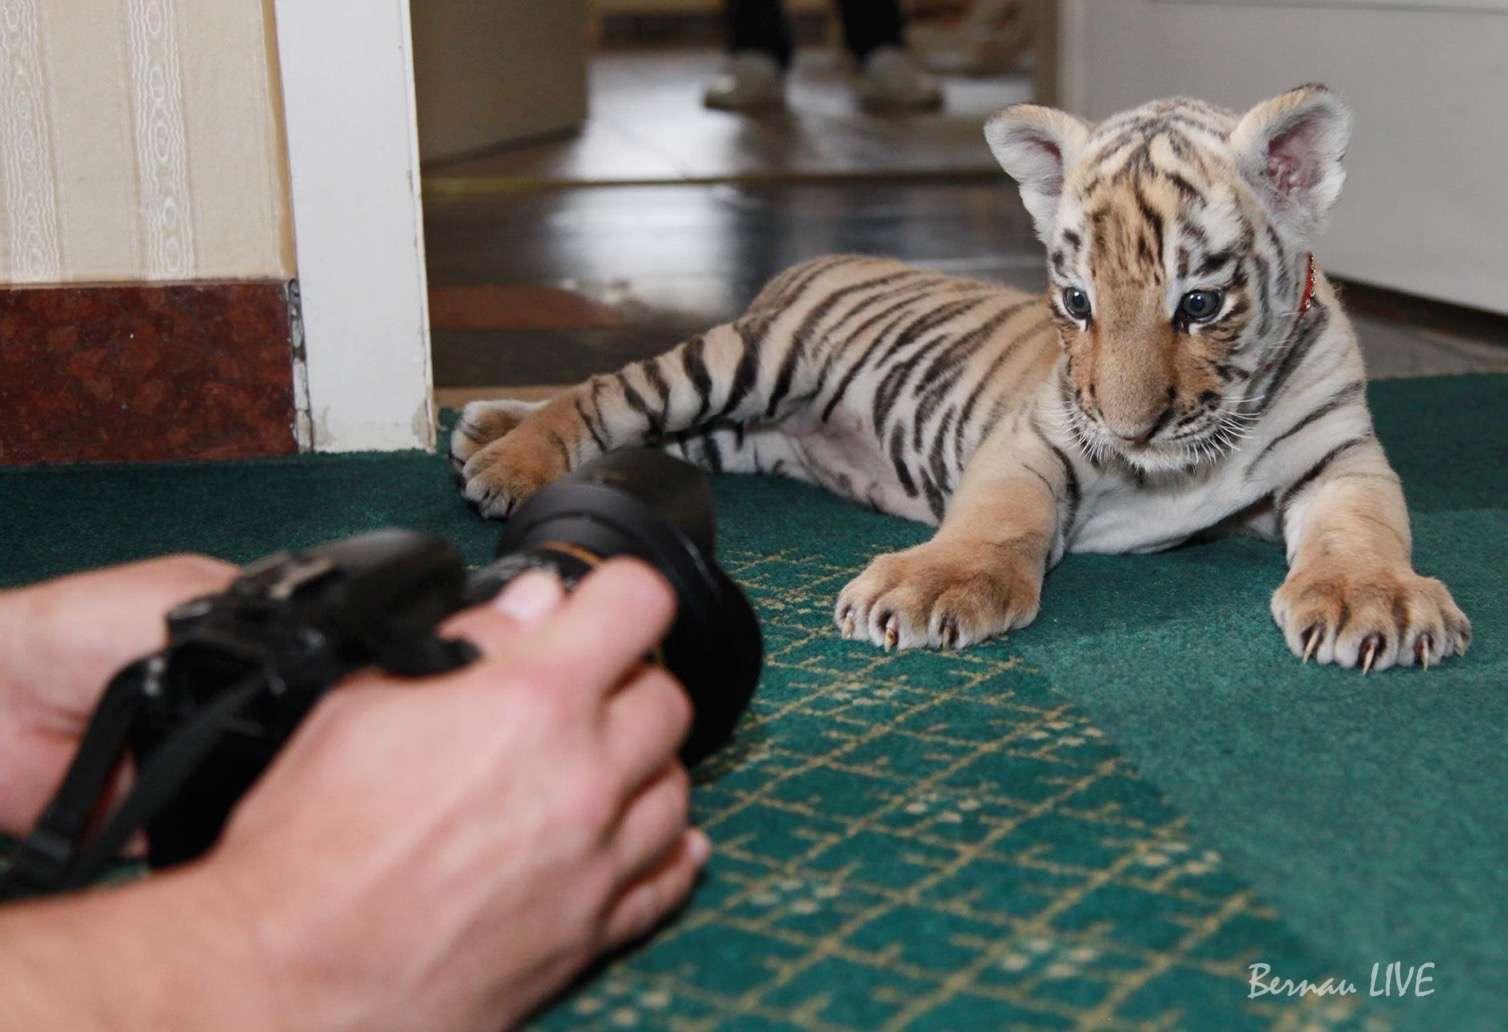 Bernau: Unser Bernauer Tiger DIEGO gleich im TV